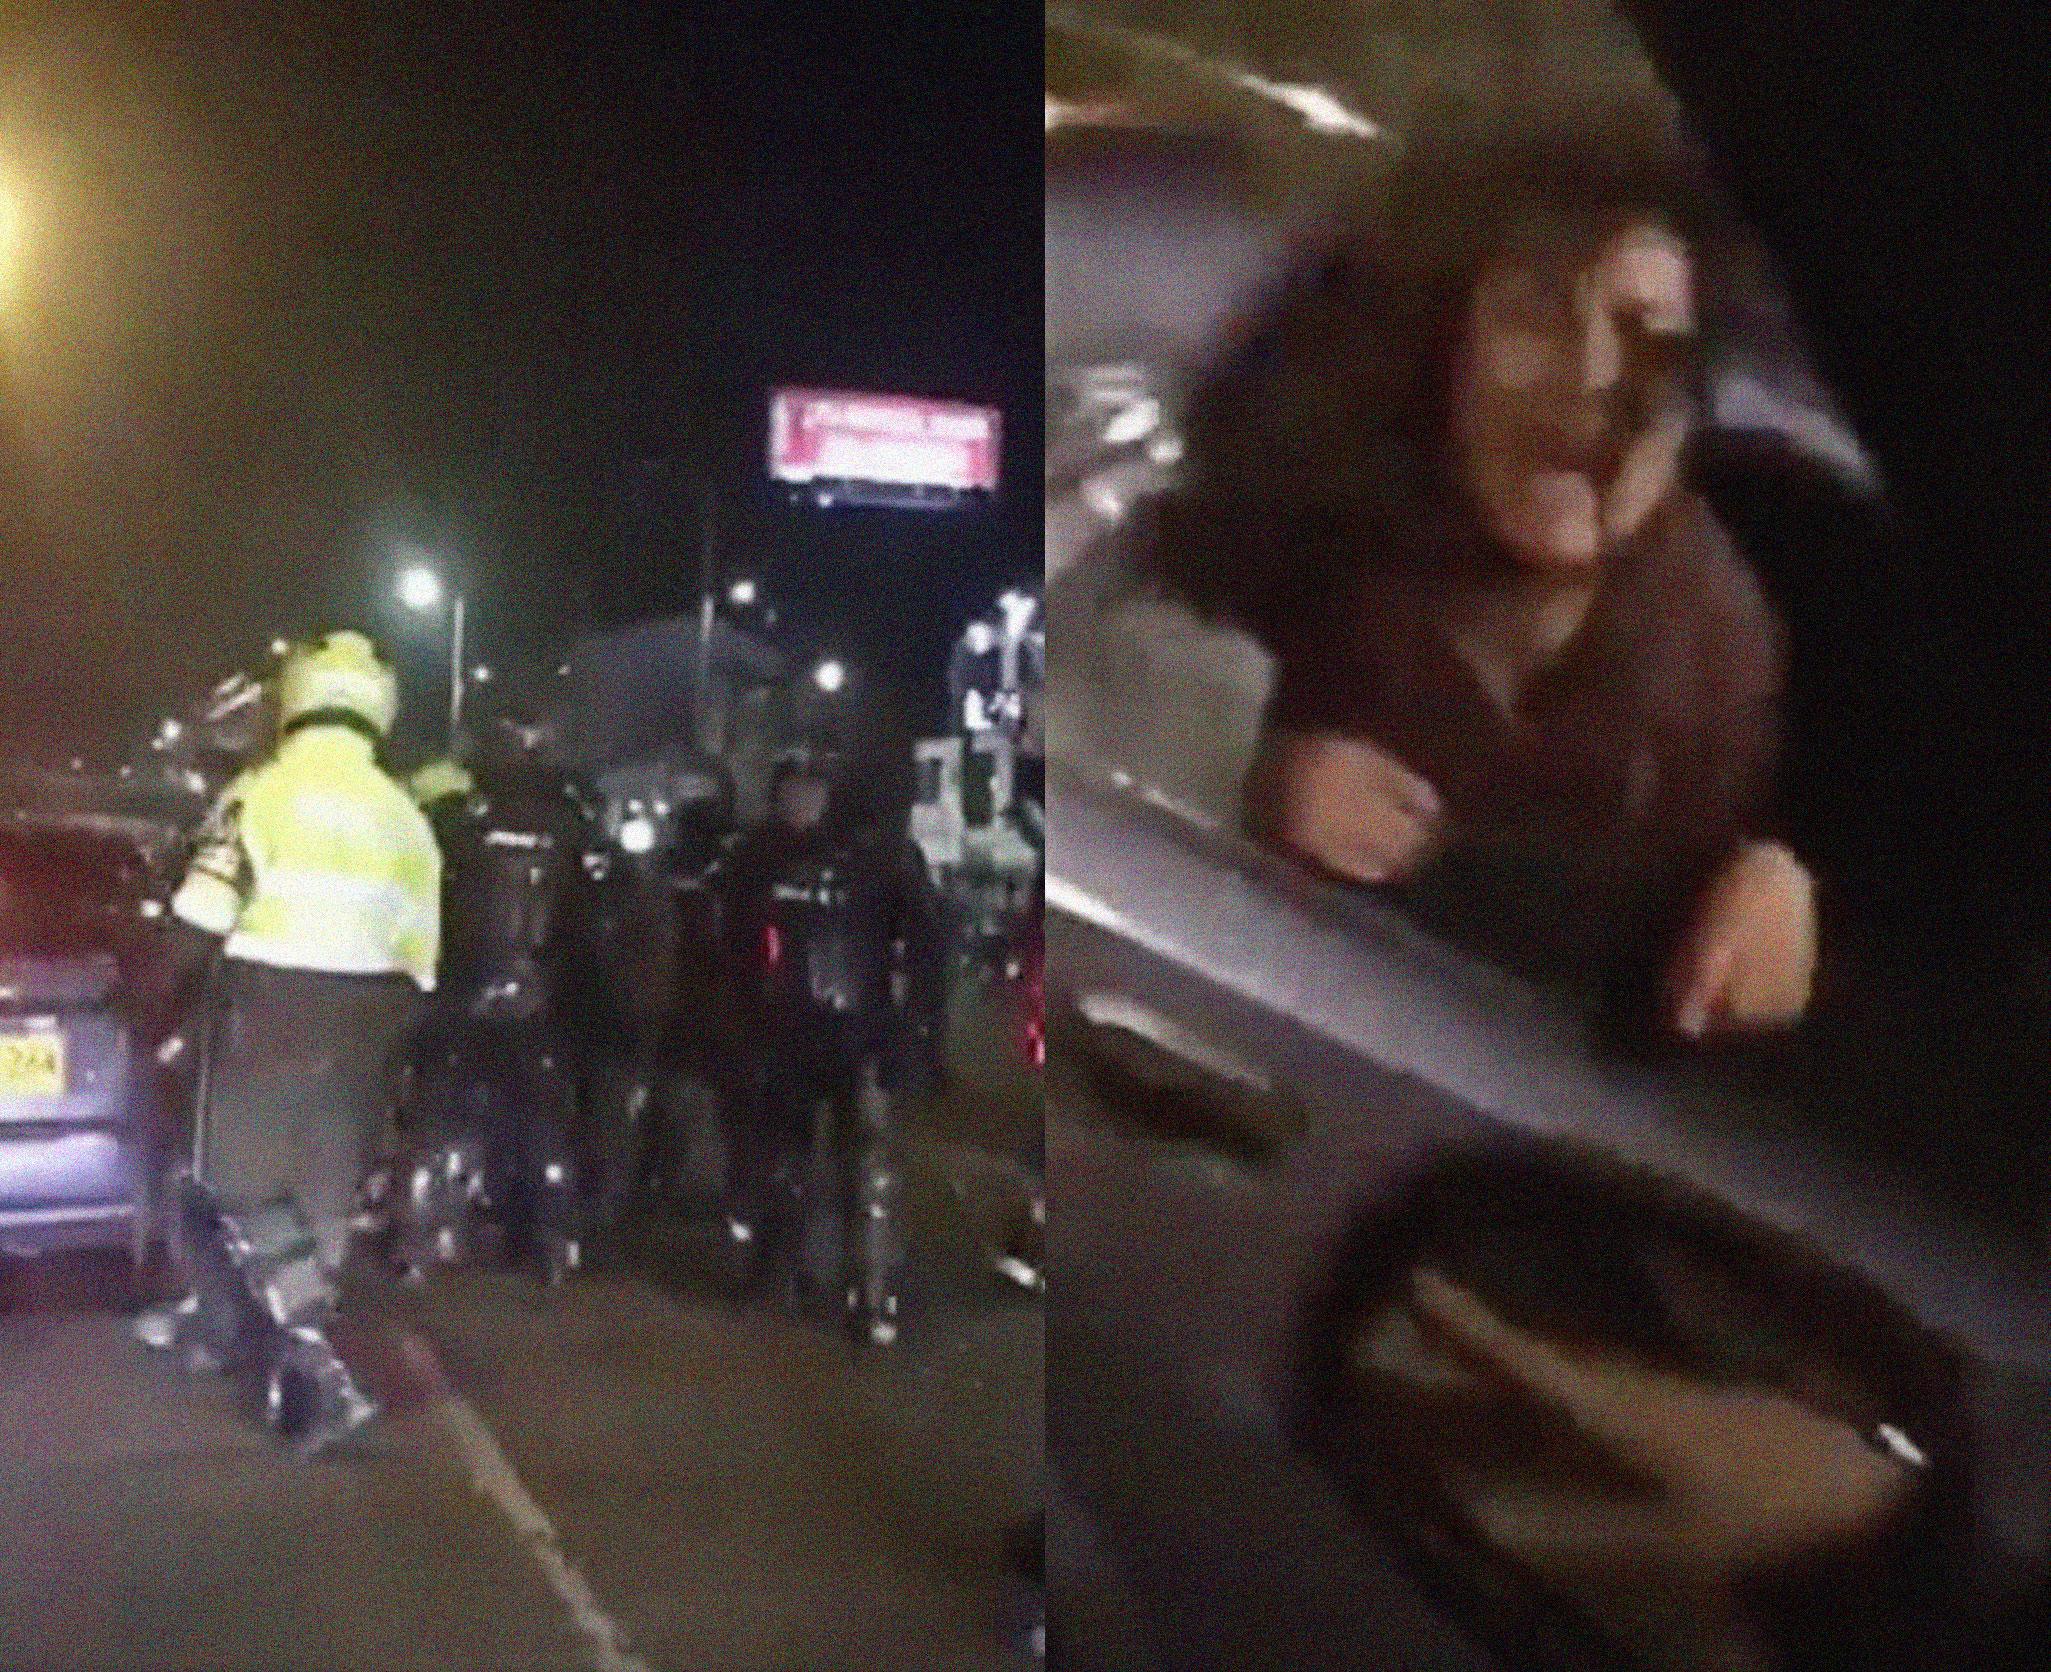 Colombia: Policía antidisturbios obliga a una mujer a entrar en un auto sin identificación y desata indignación